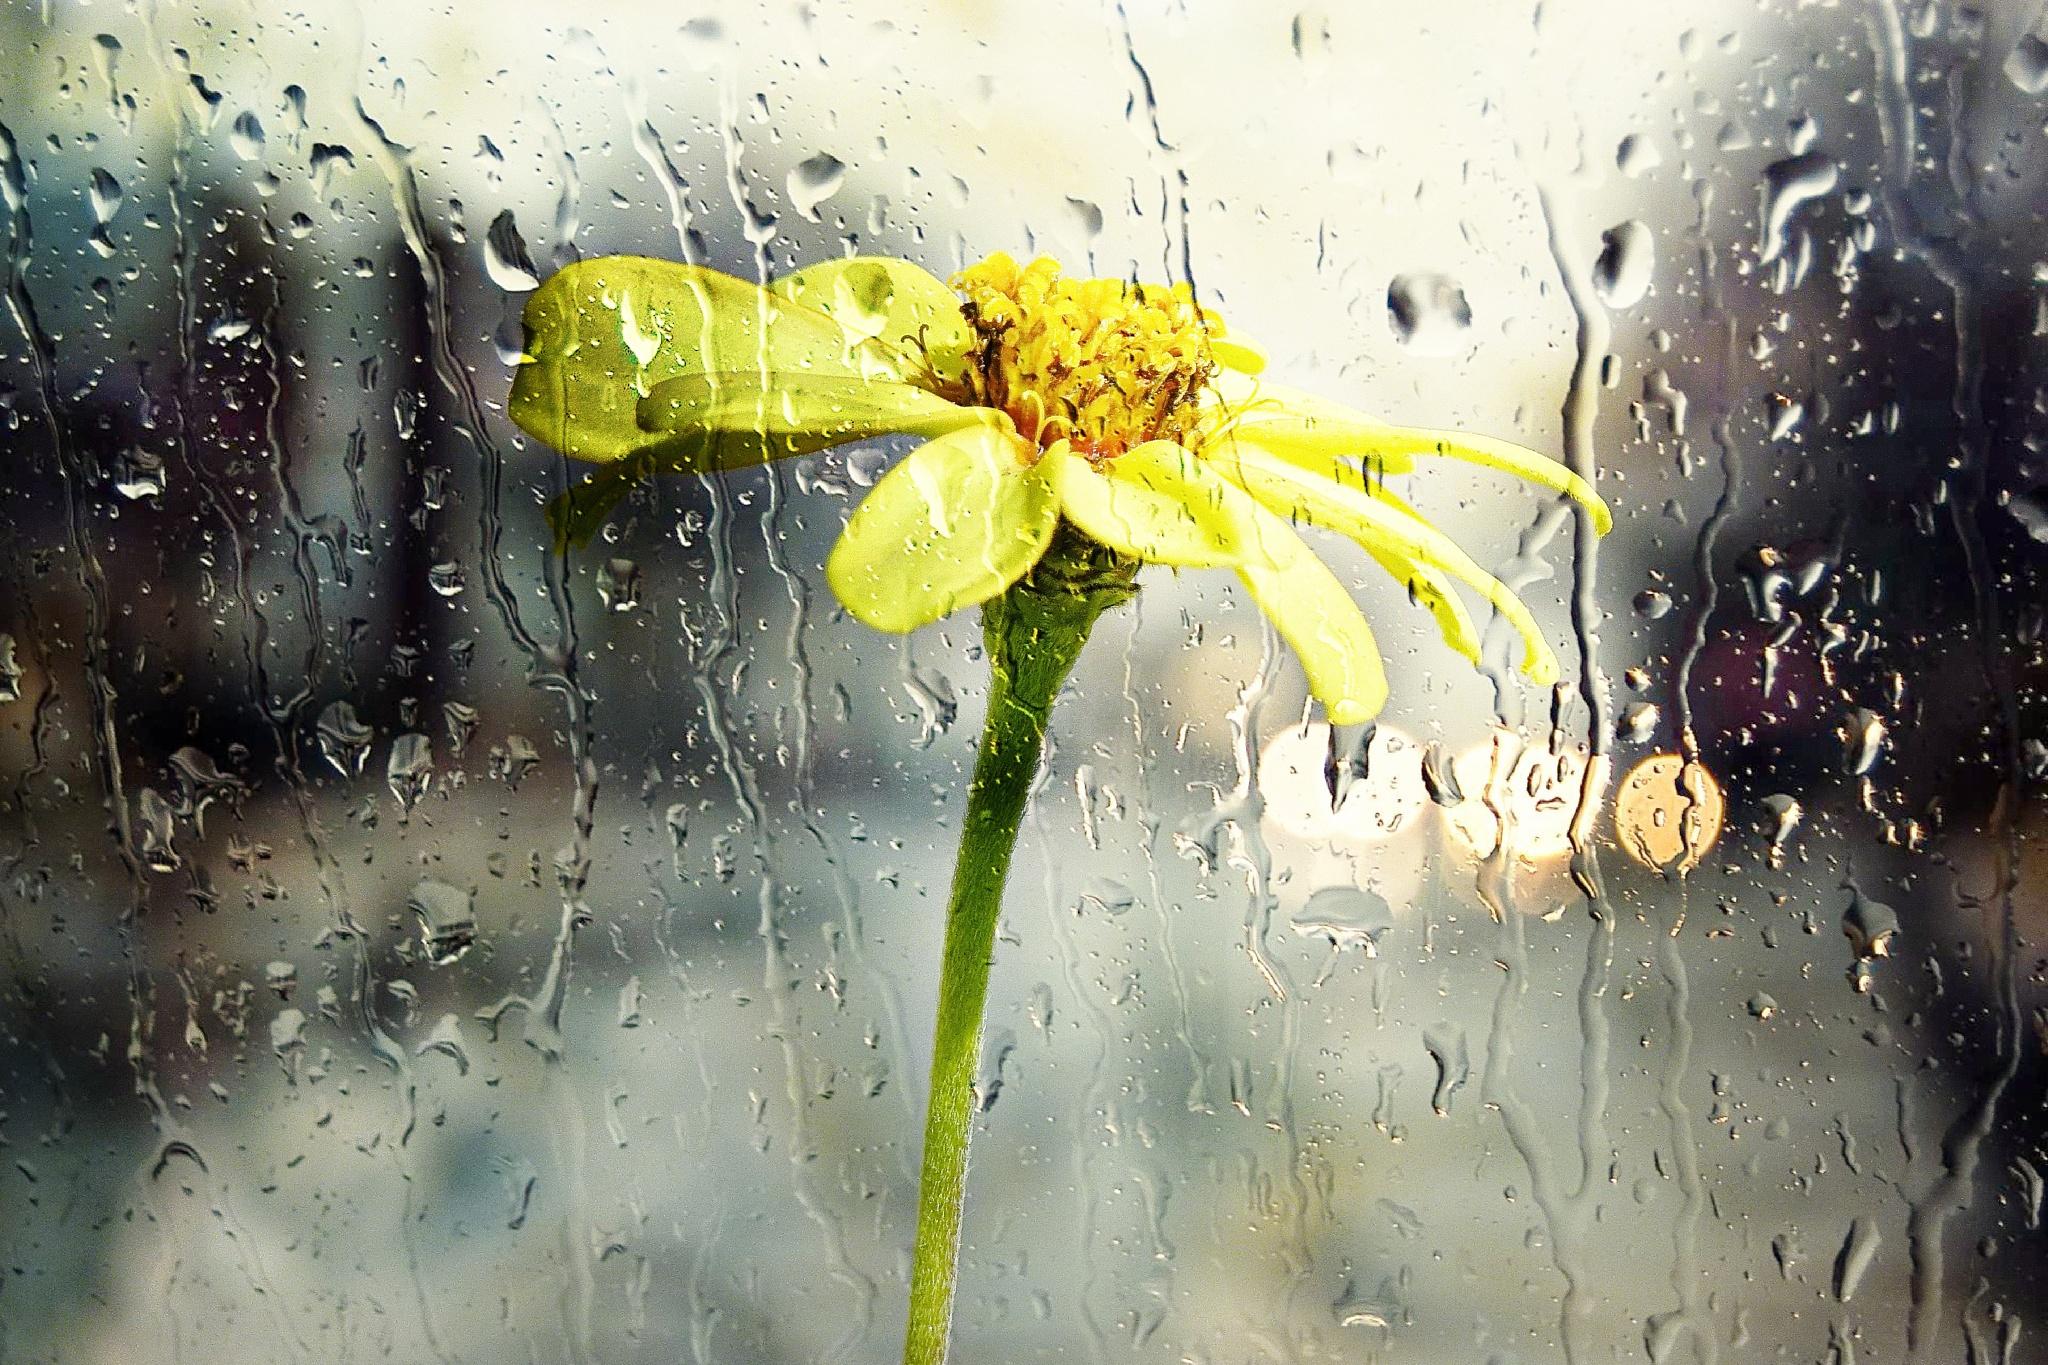 Blossom behind wet Glass by Brigitte Werner